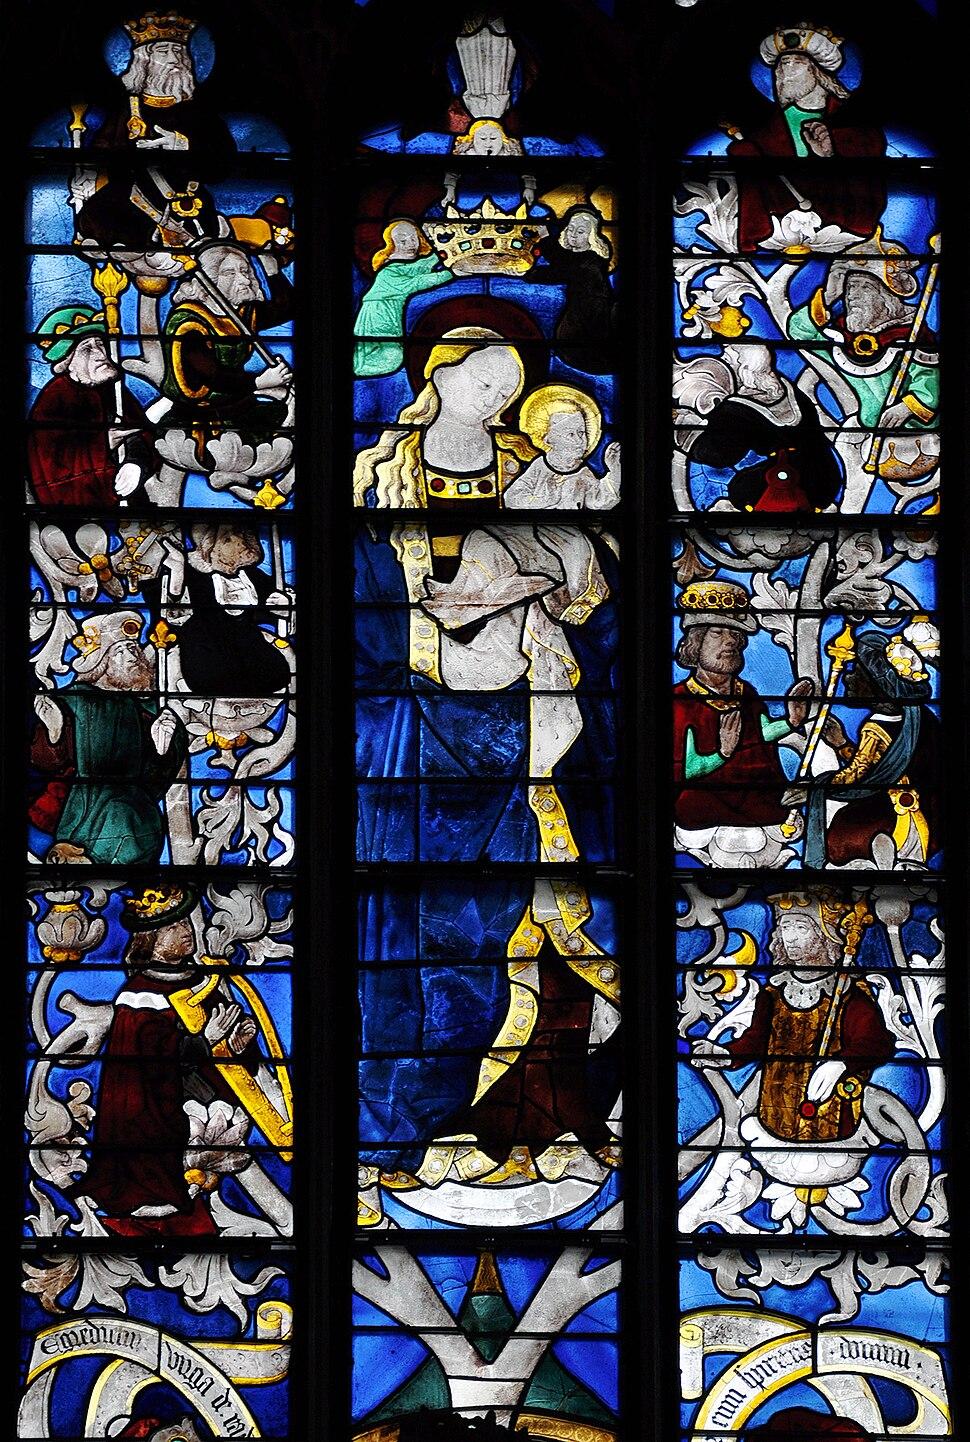 Vitrail Cathédrale d'Evreux 22 02 09 13